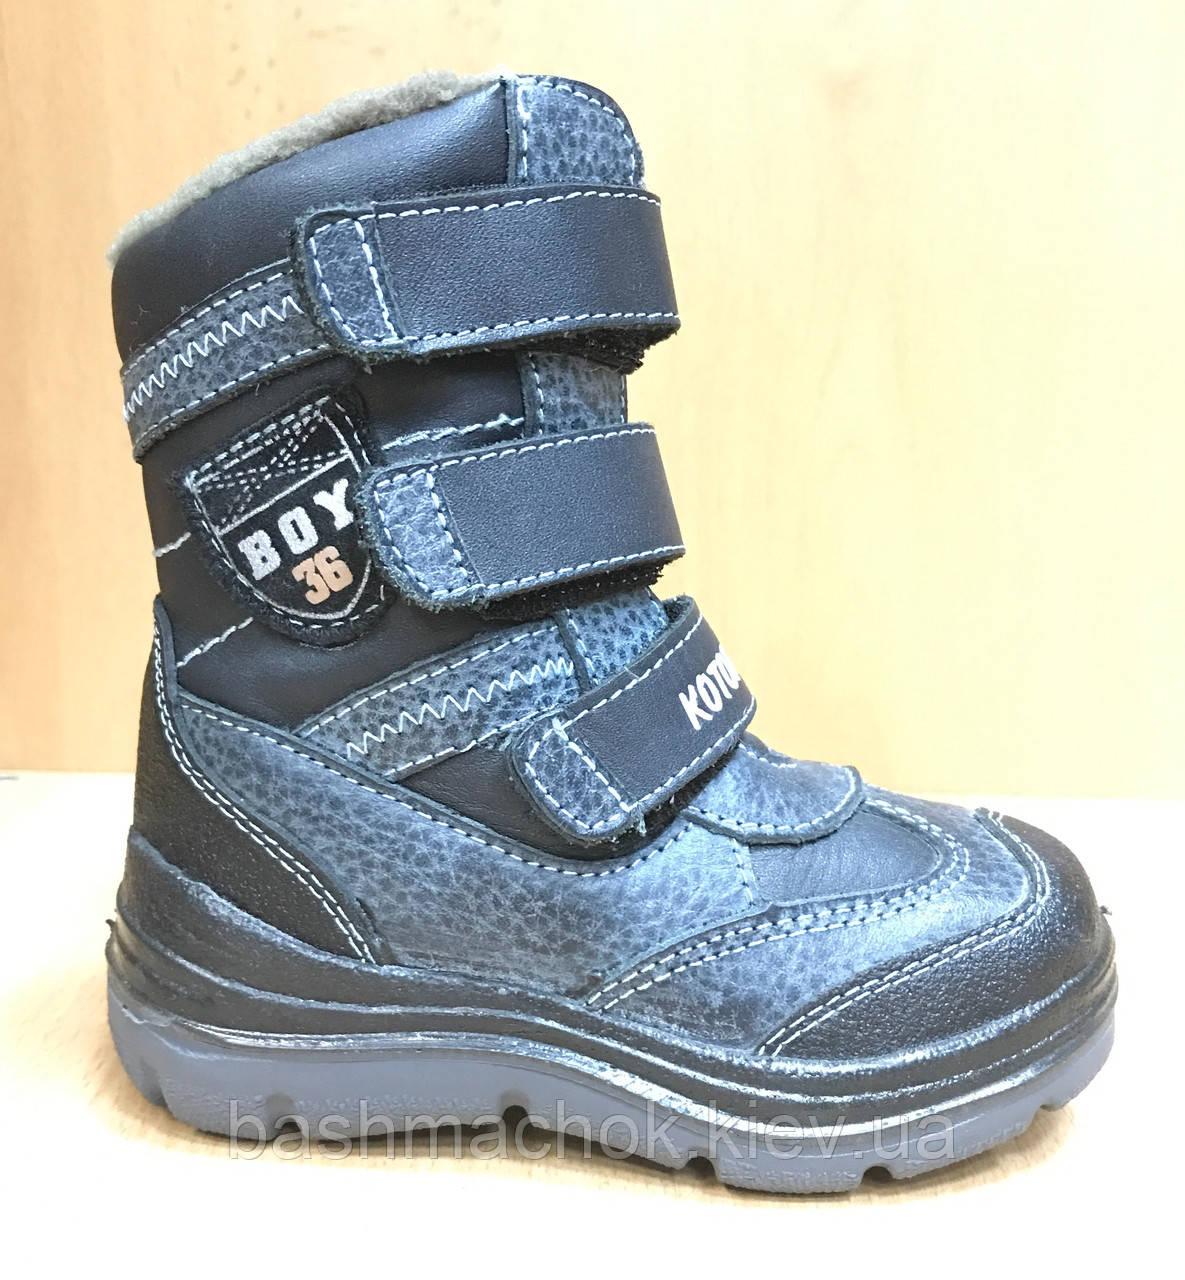 a198b5c6f Детские кожаные зимние ботинки Котофей размер 23 - Интернет-магазин детской  обуви